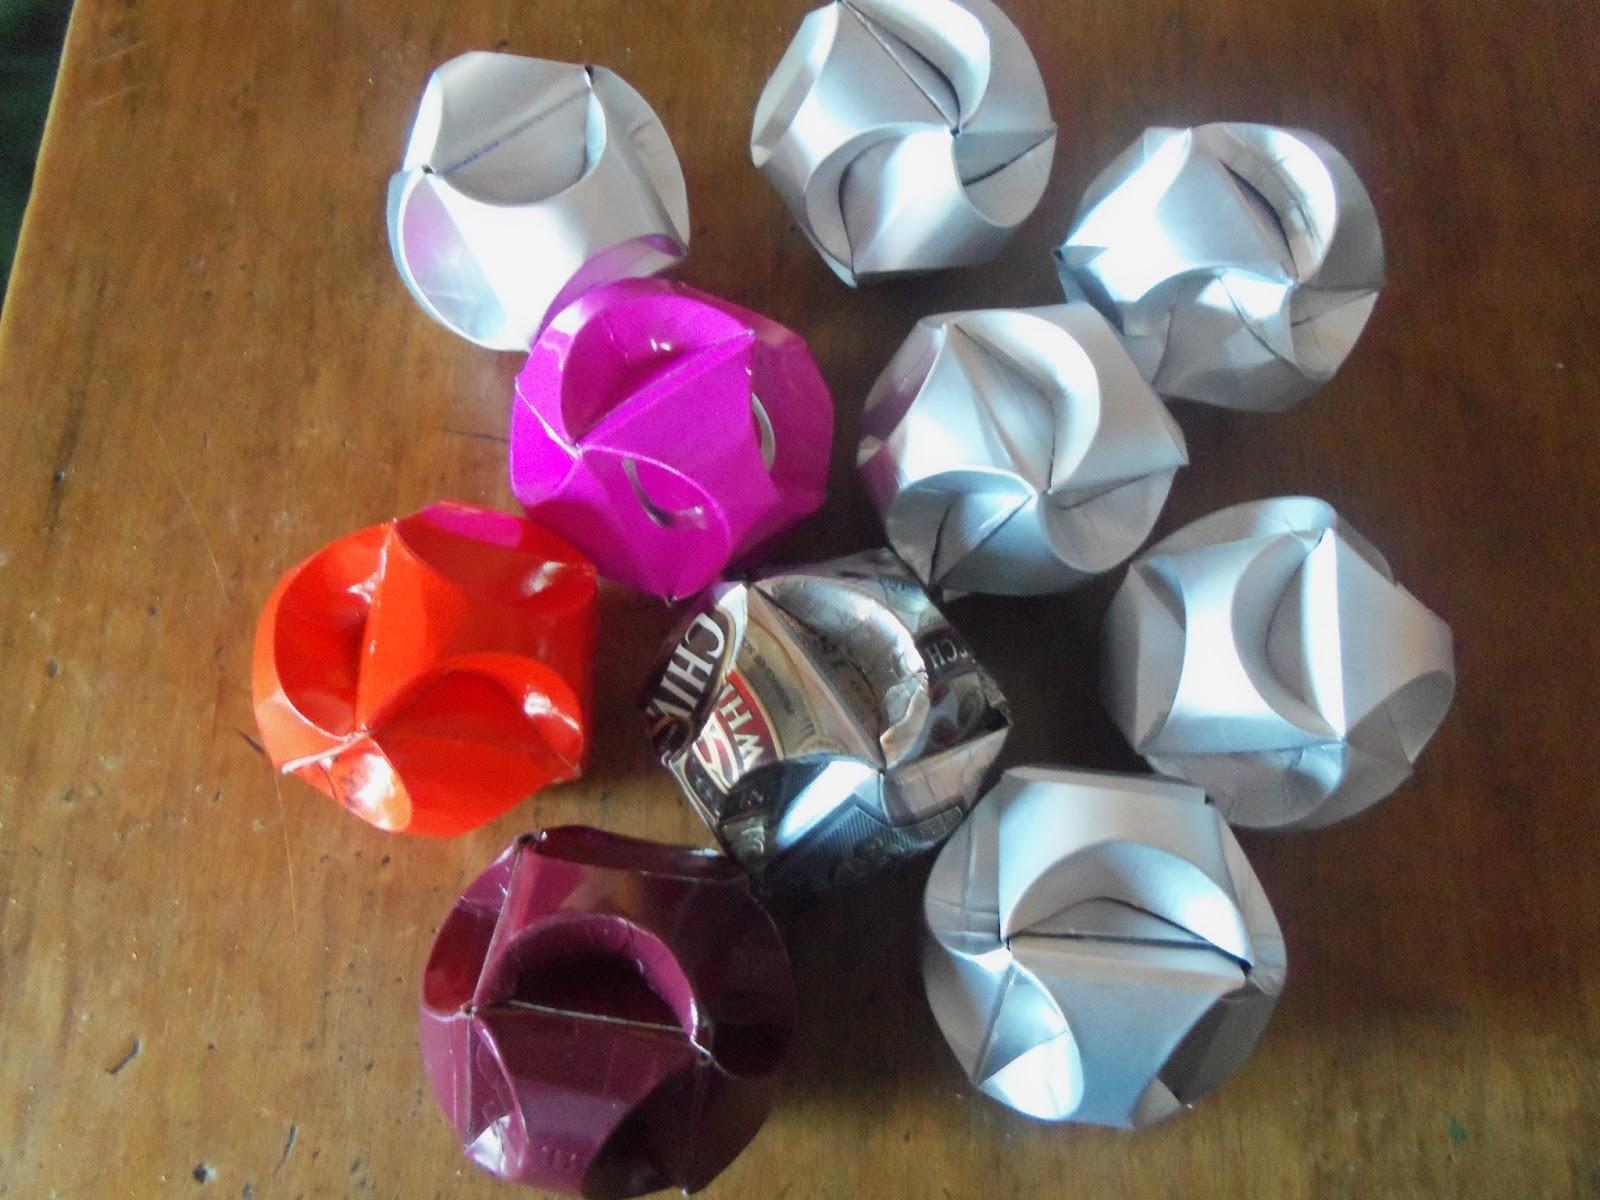 Reciclaje con artesania adornos navide os con tetrapack - Como se hacen adornos navidenos ...